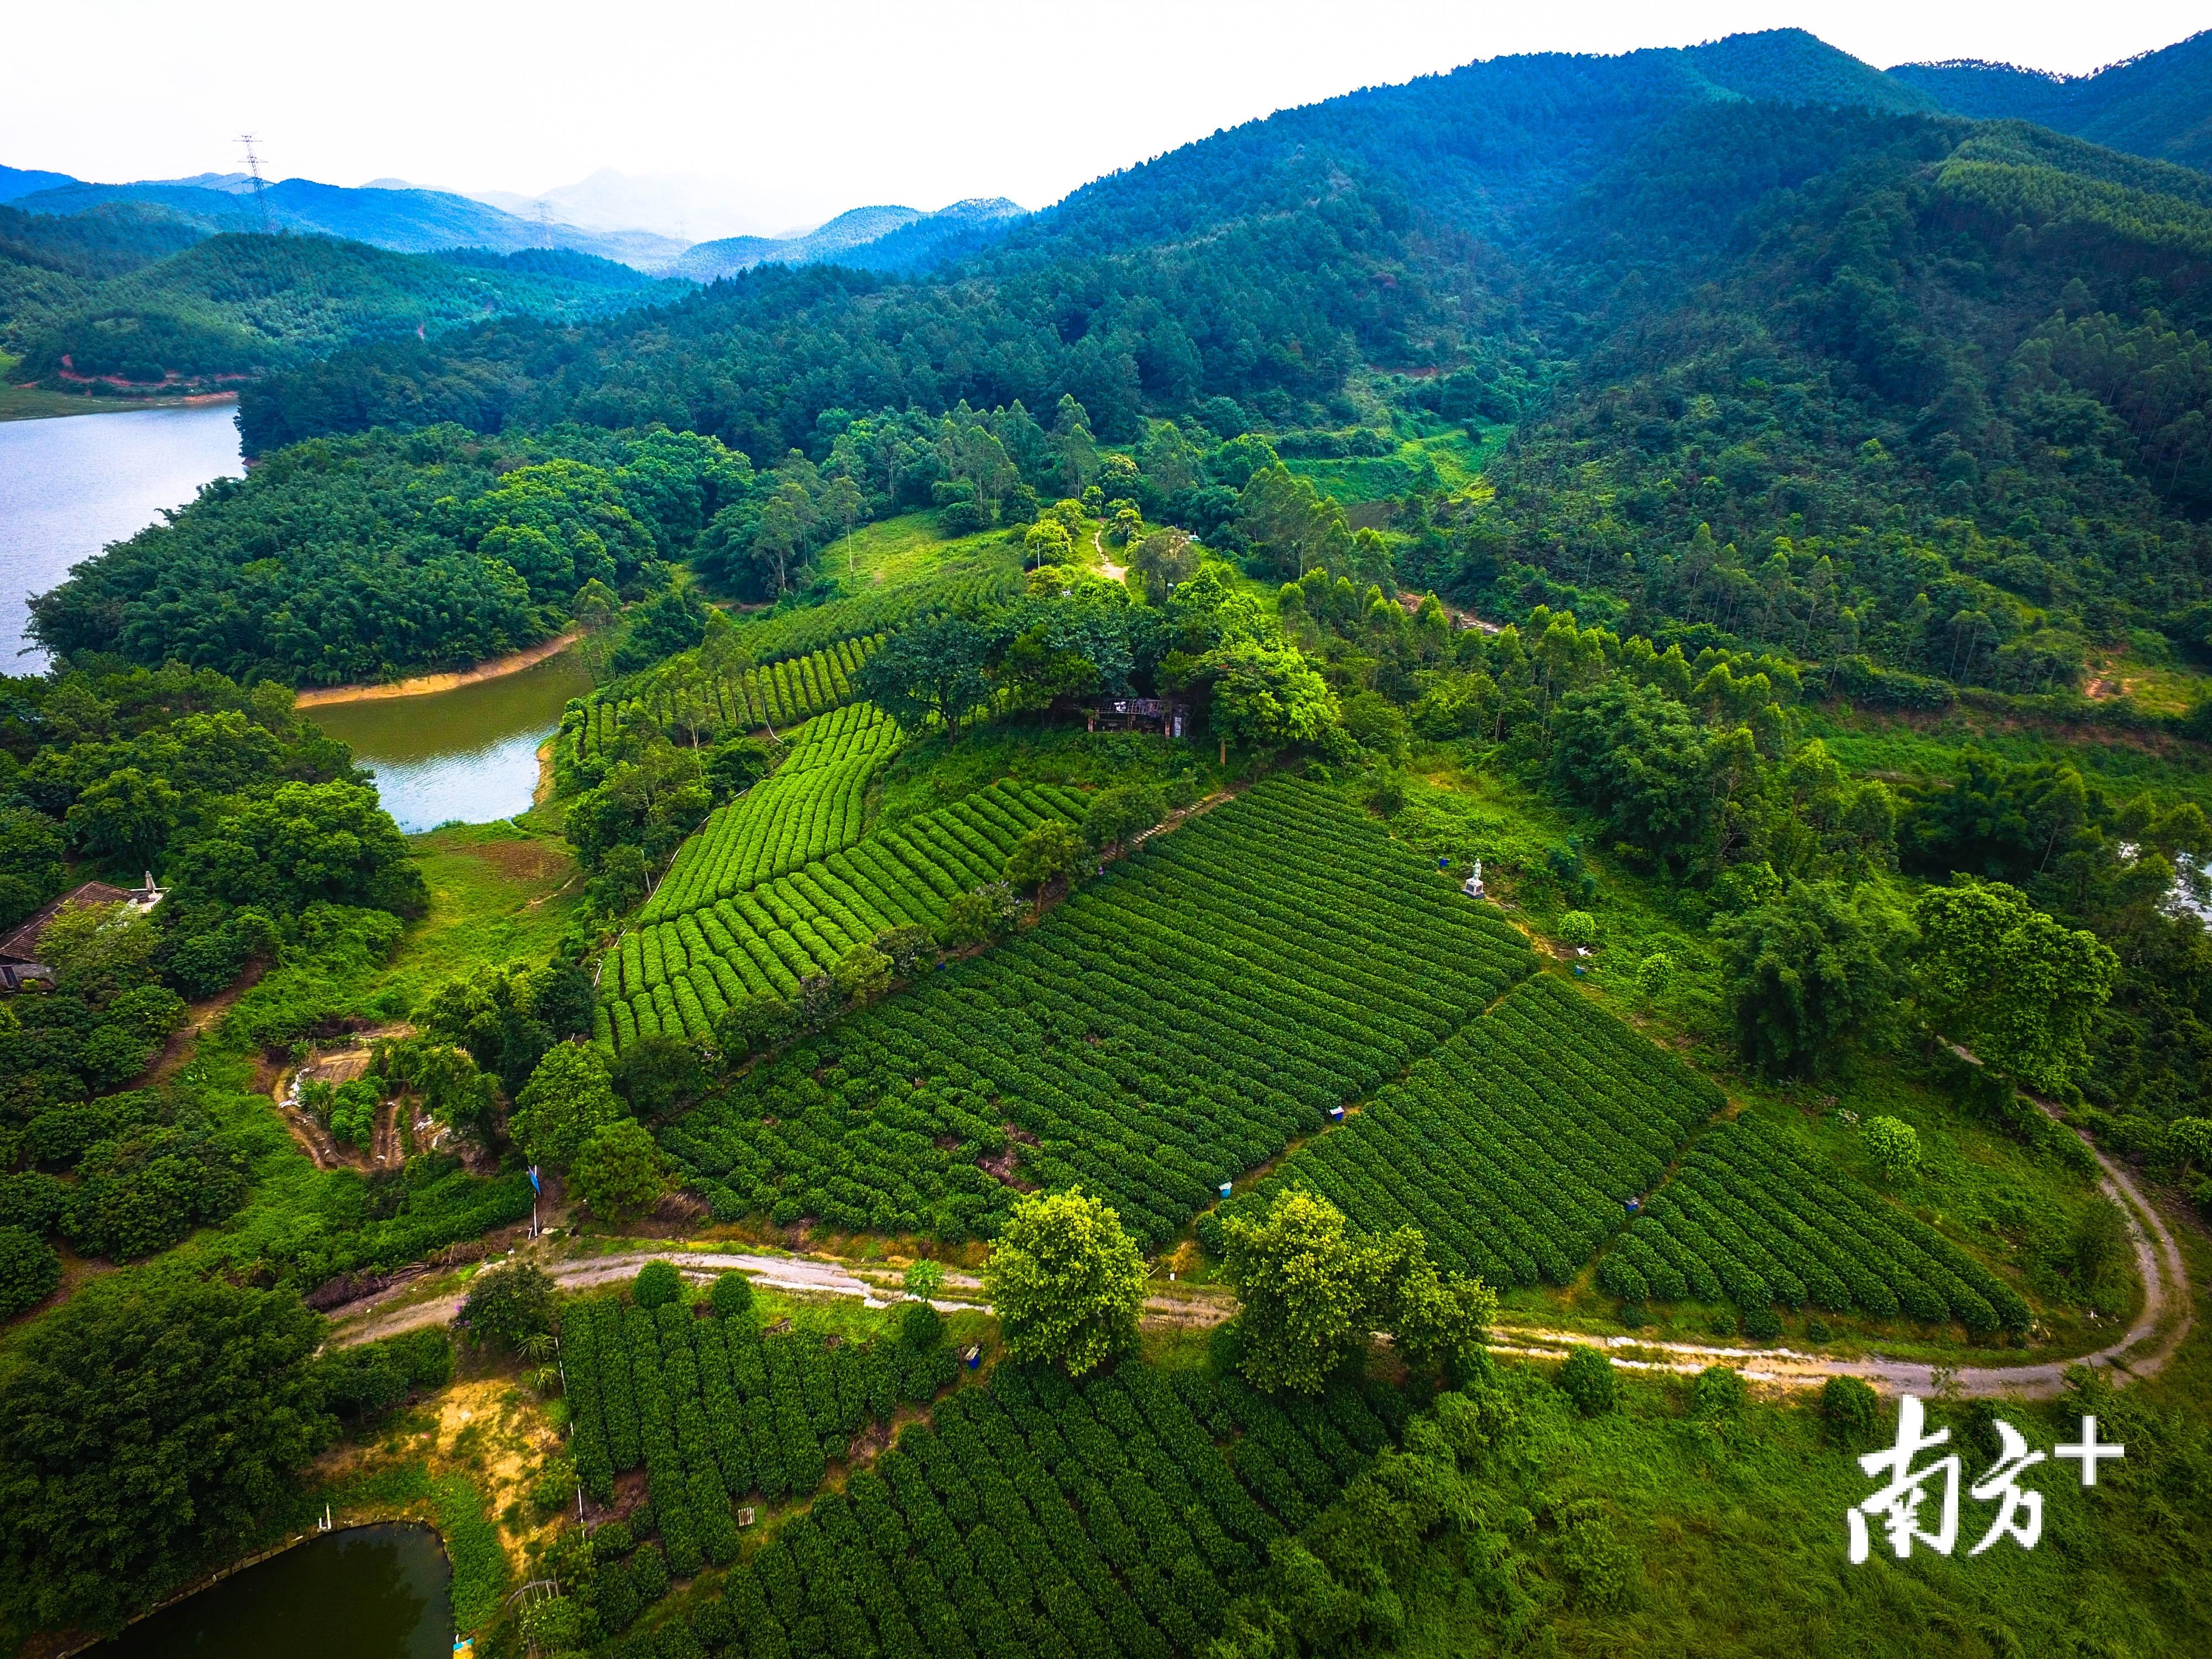 鹤山种茶历史悠久。